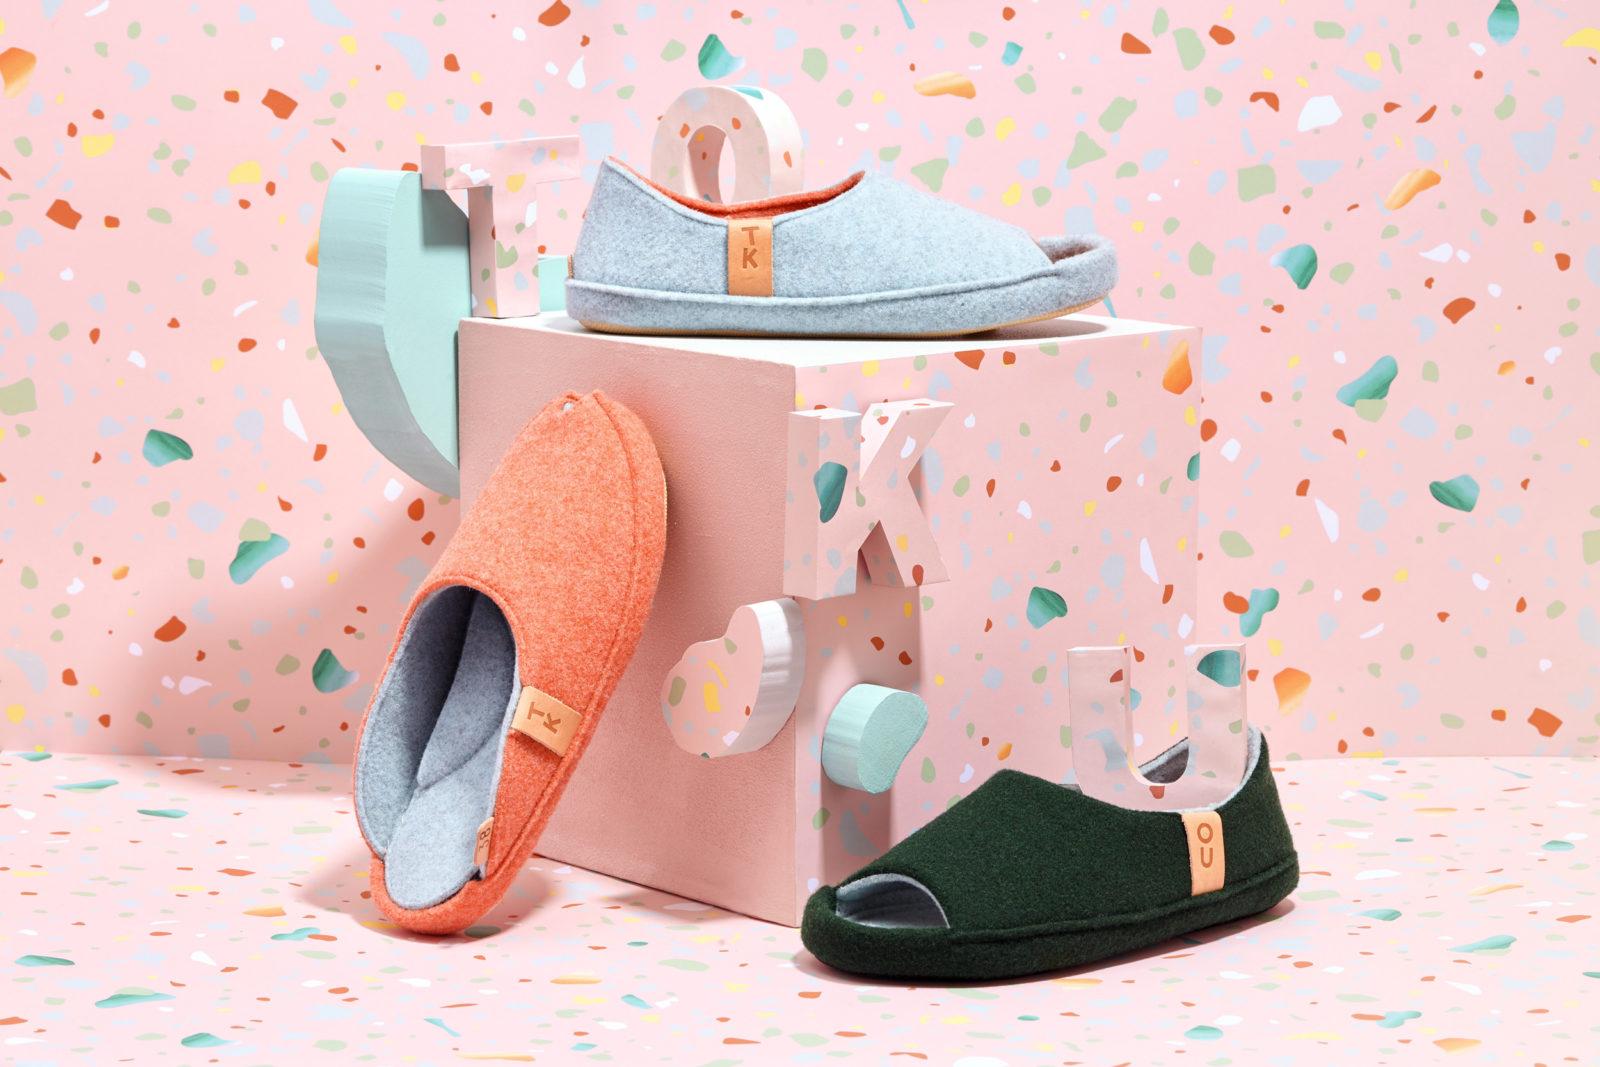 Handmade indoor shoes